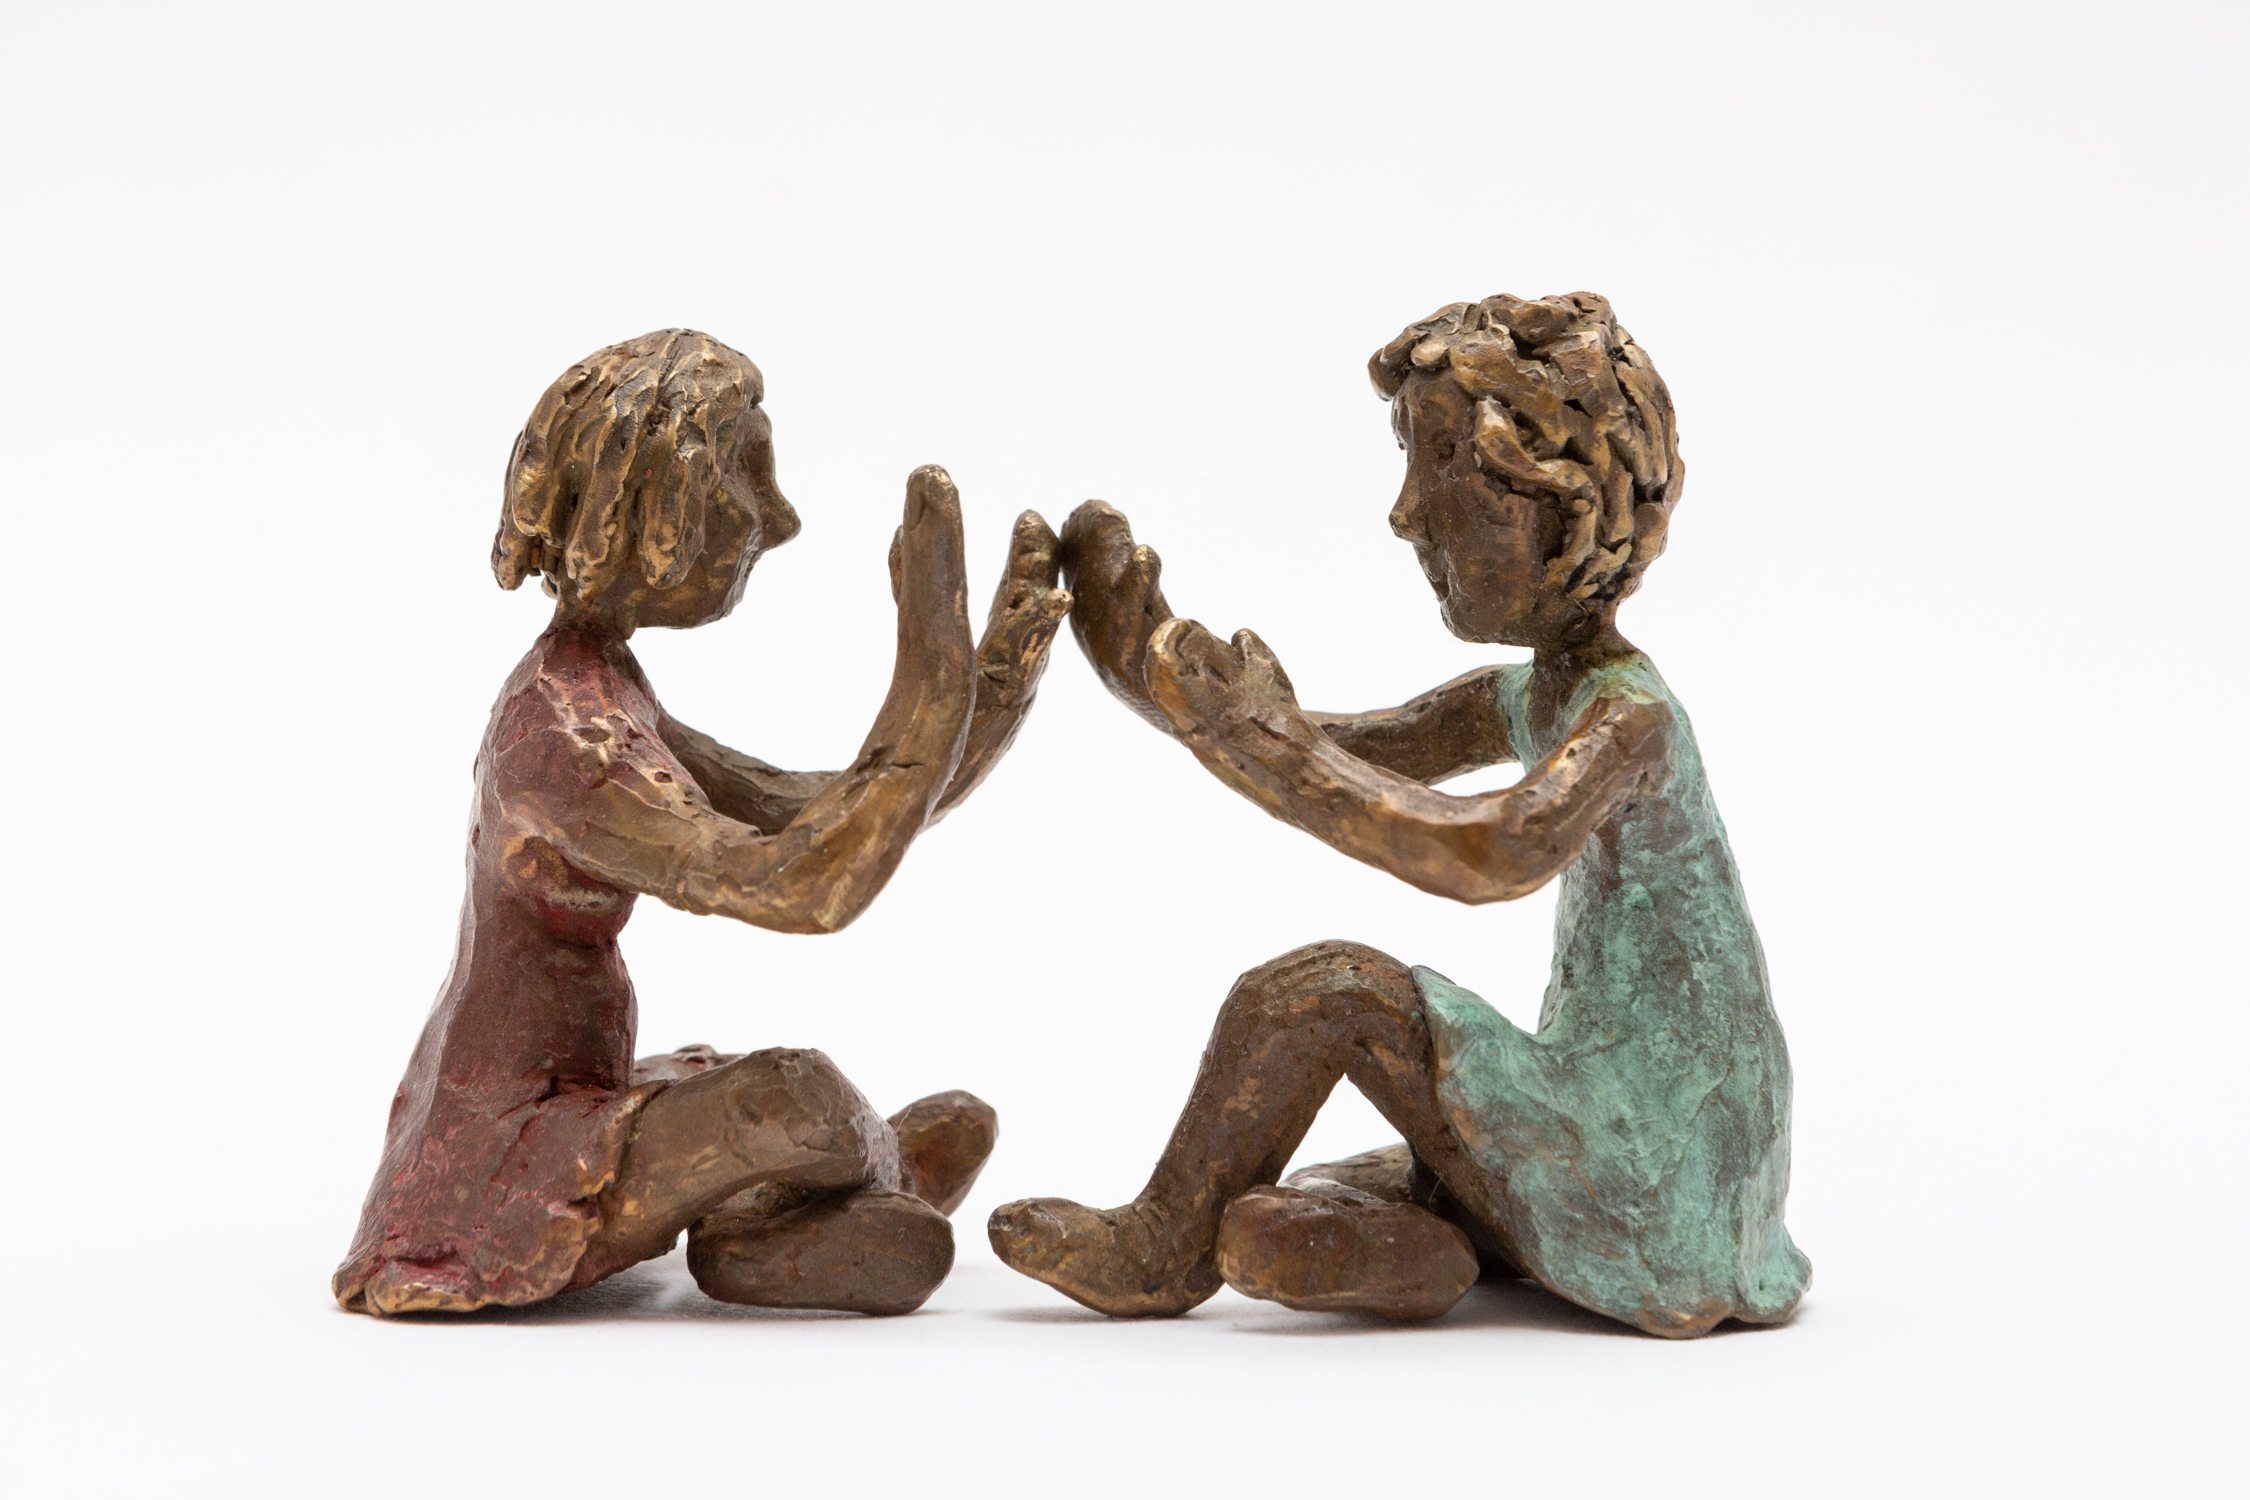 Ana Valenciano grabados y bronces 17011940 © Jimena Roquero Photography.jpg